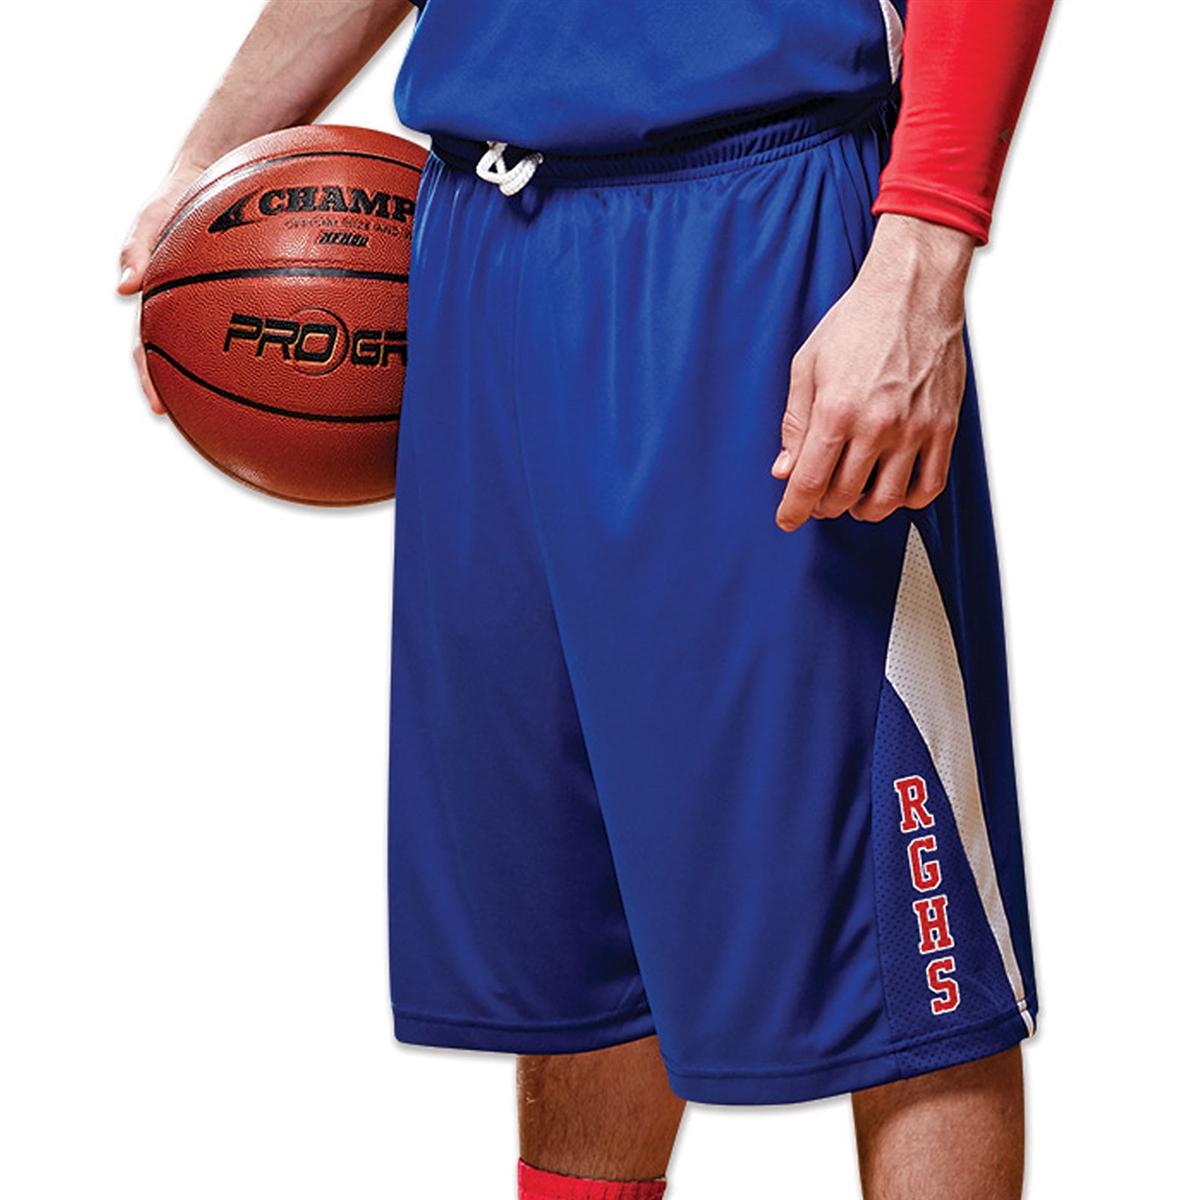 04956cace409 Champro Pivot Reversible Basketball Shorts